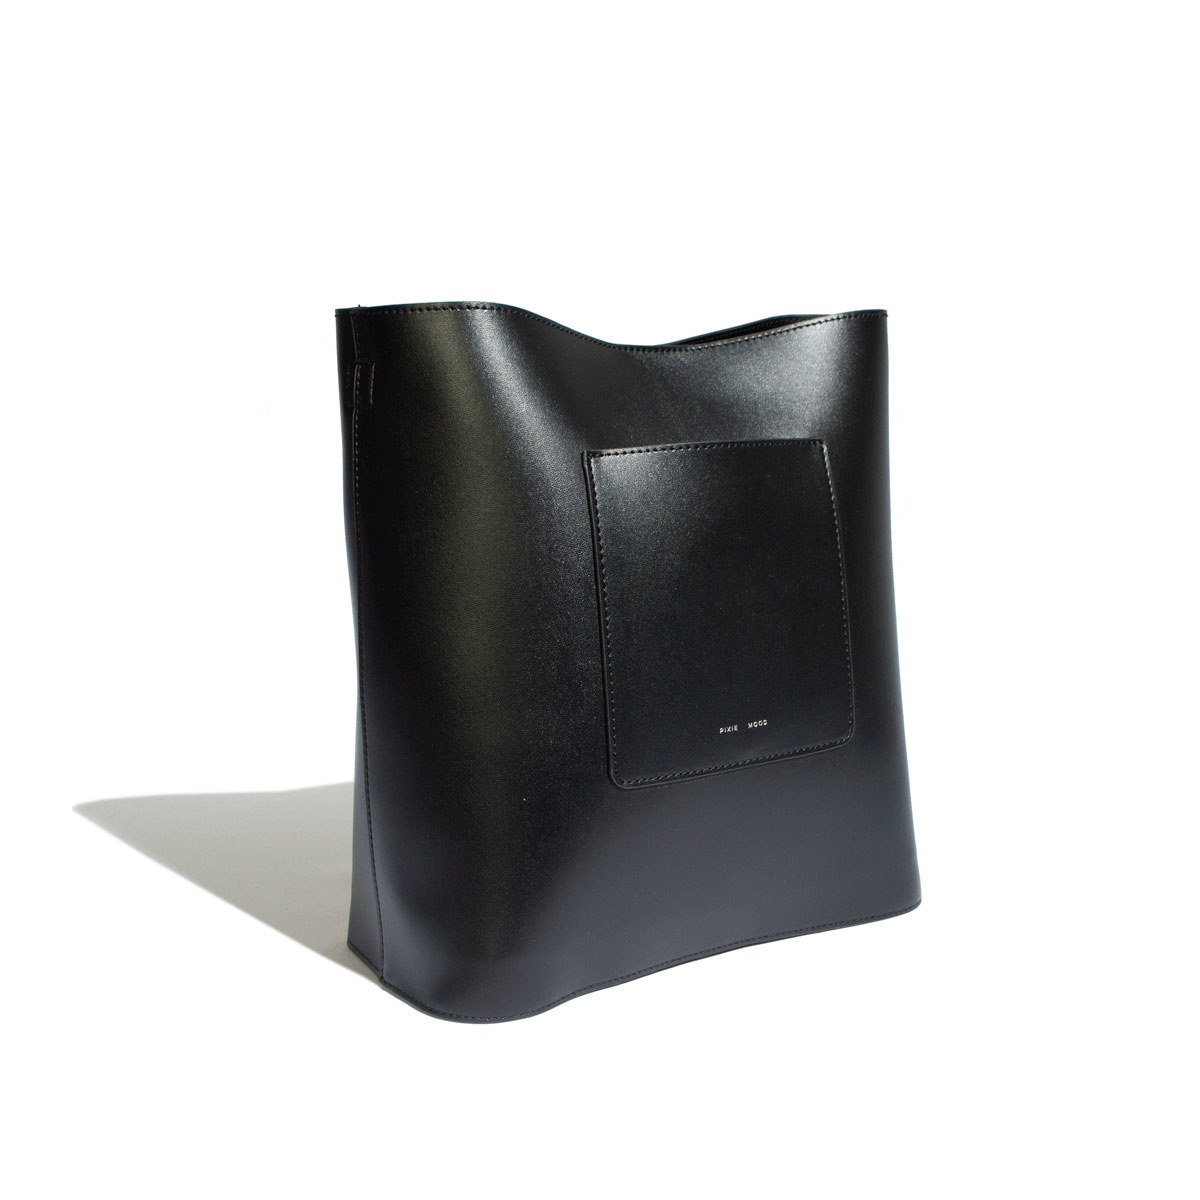 Trisha Crossbody Bag - Black-3